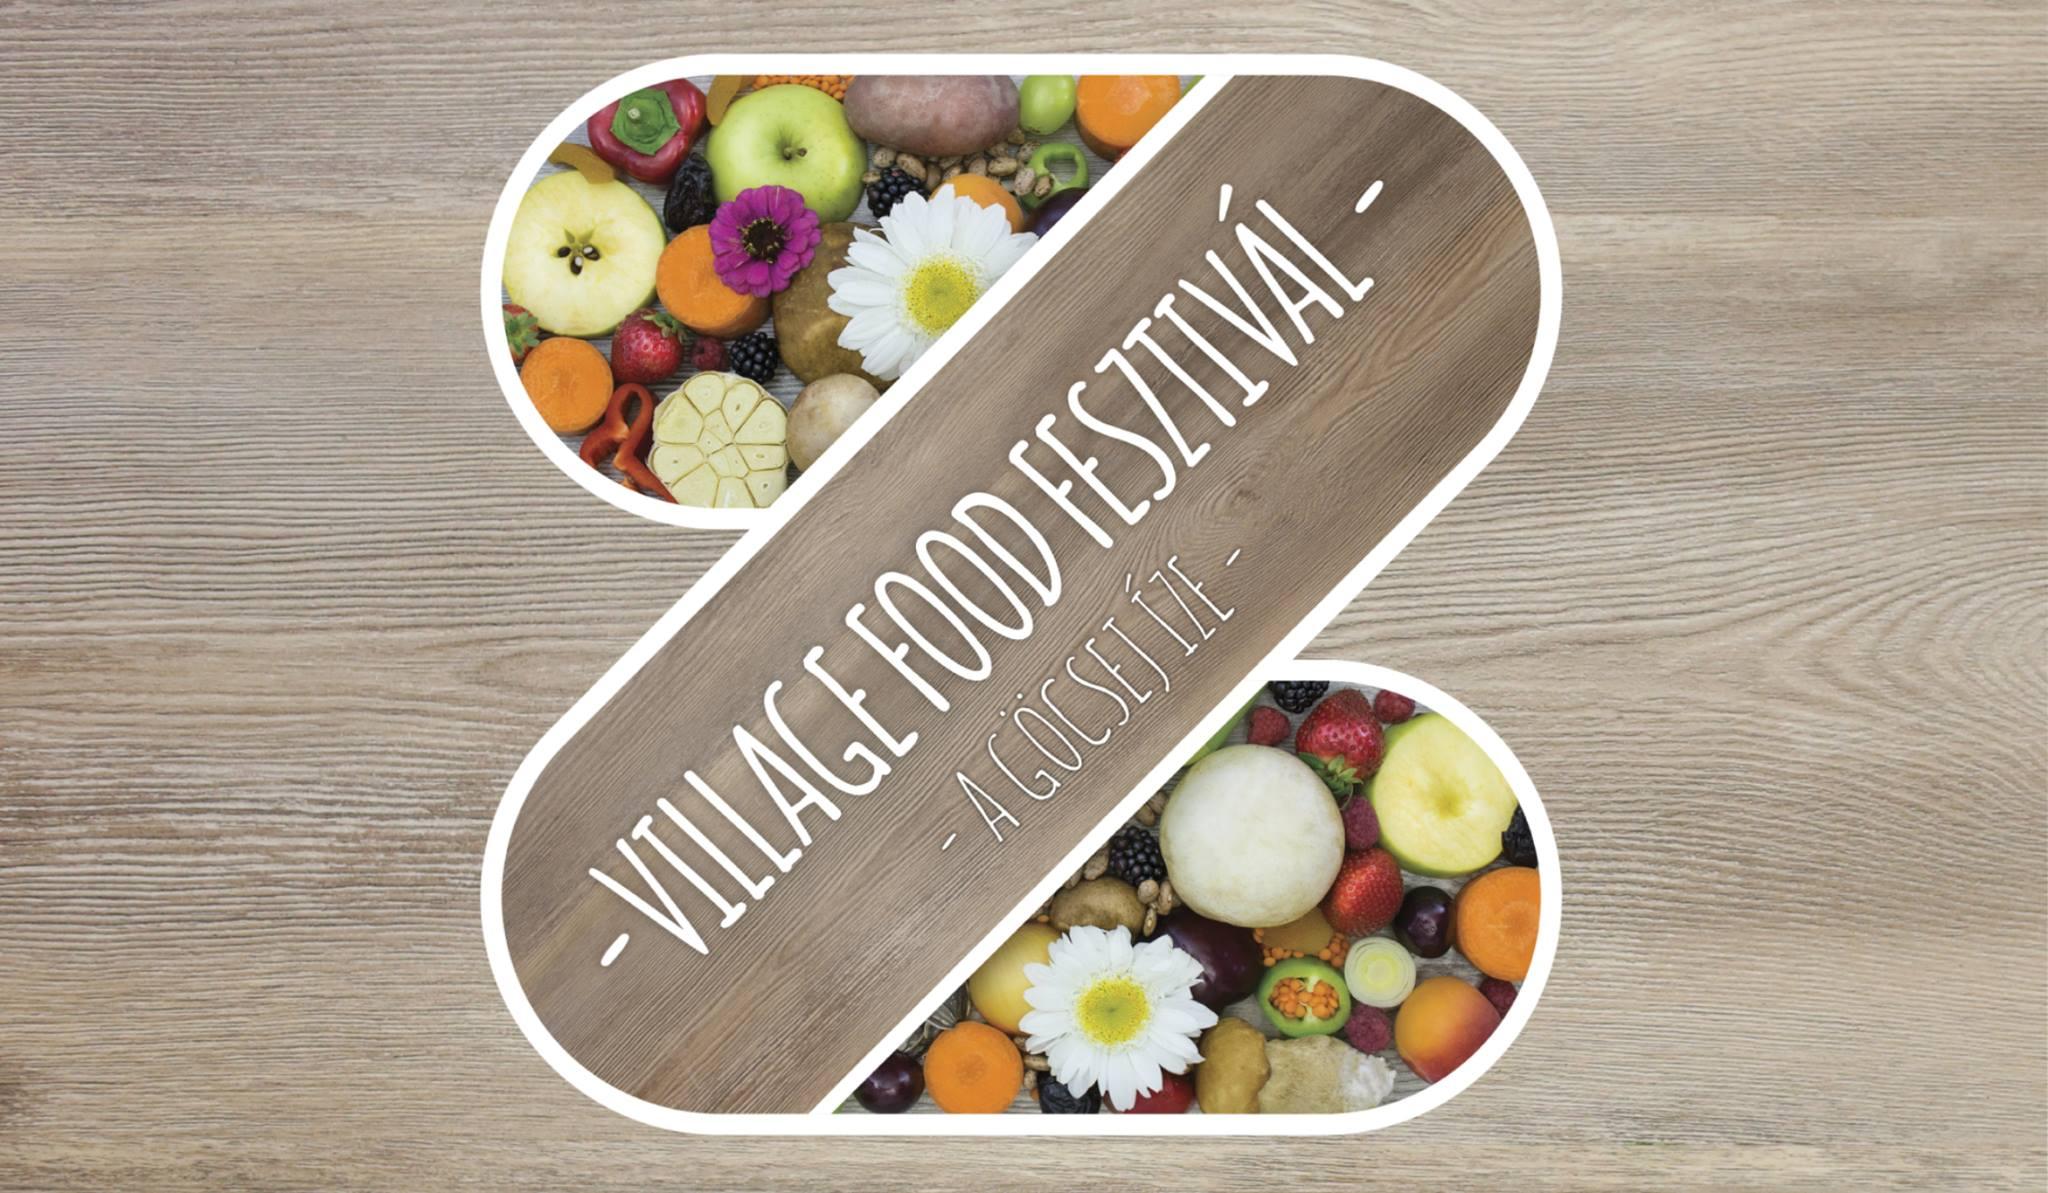 Programajánló: Village Food – A Göcsej Ízei